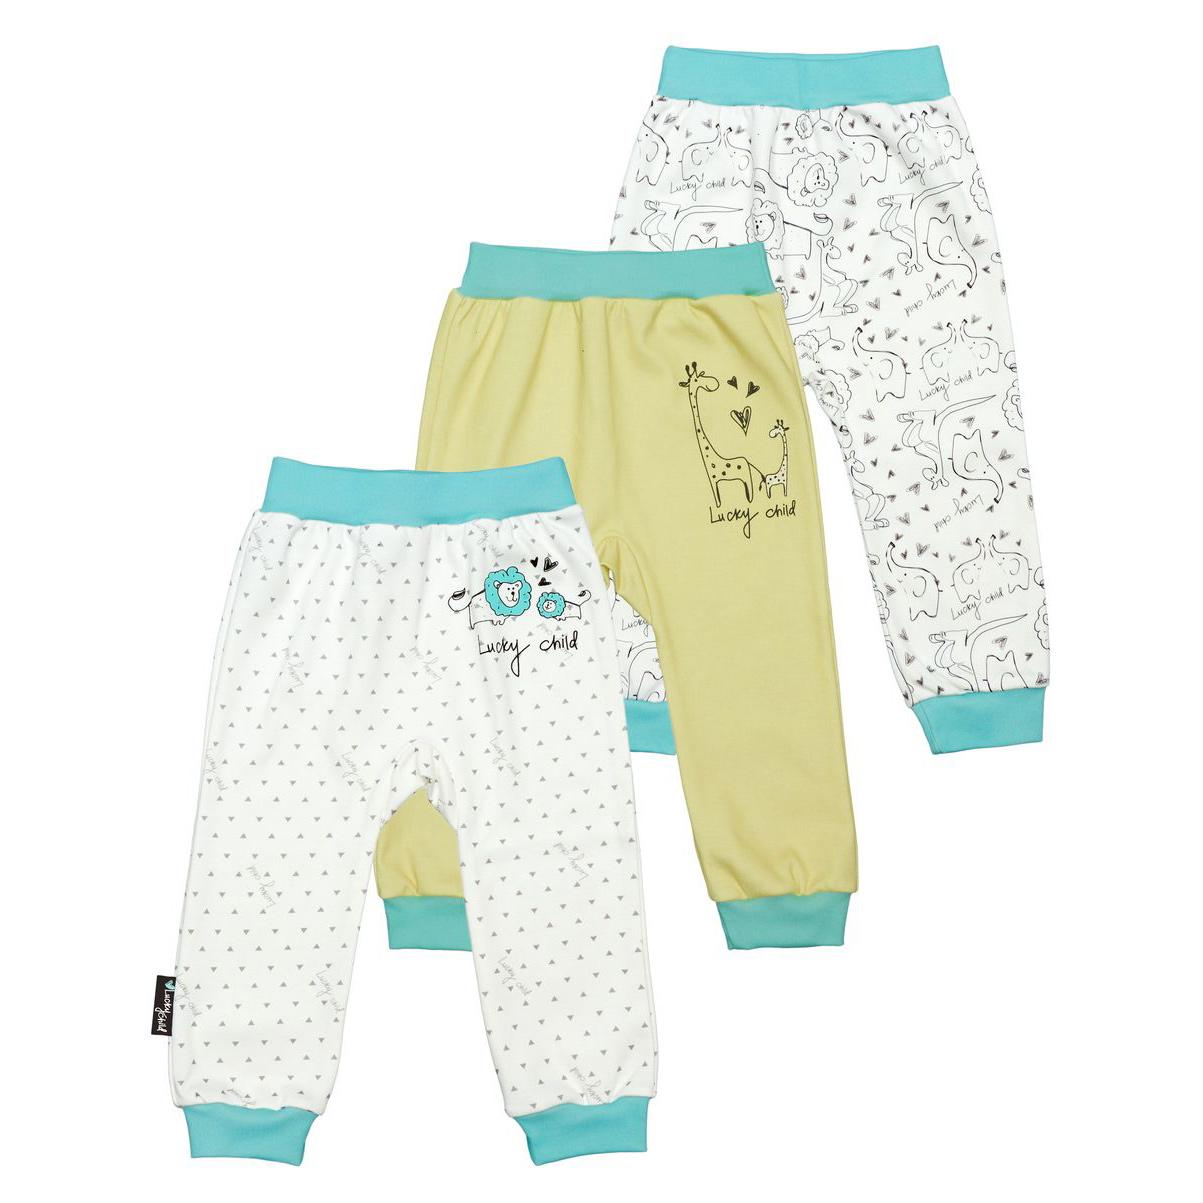 Купить Комплект штанишек Lucky Child Зоопарк 3 шт 92-98, Белый, Бирюзовый, Желтый, Интерлок, Для детей, Всесезонный,